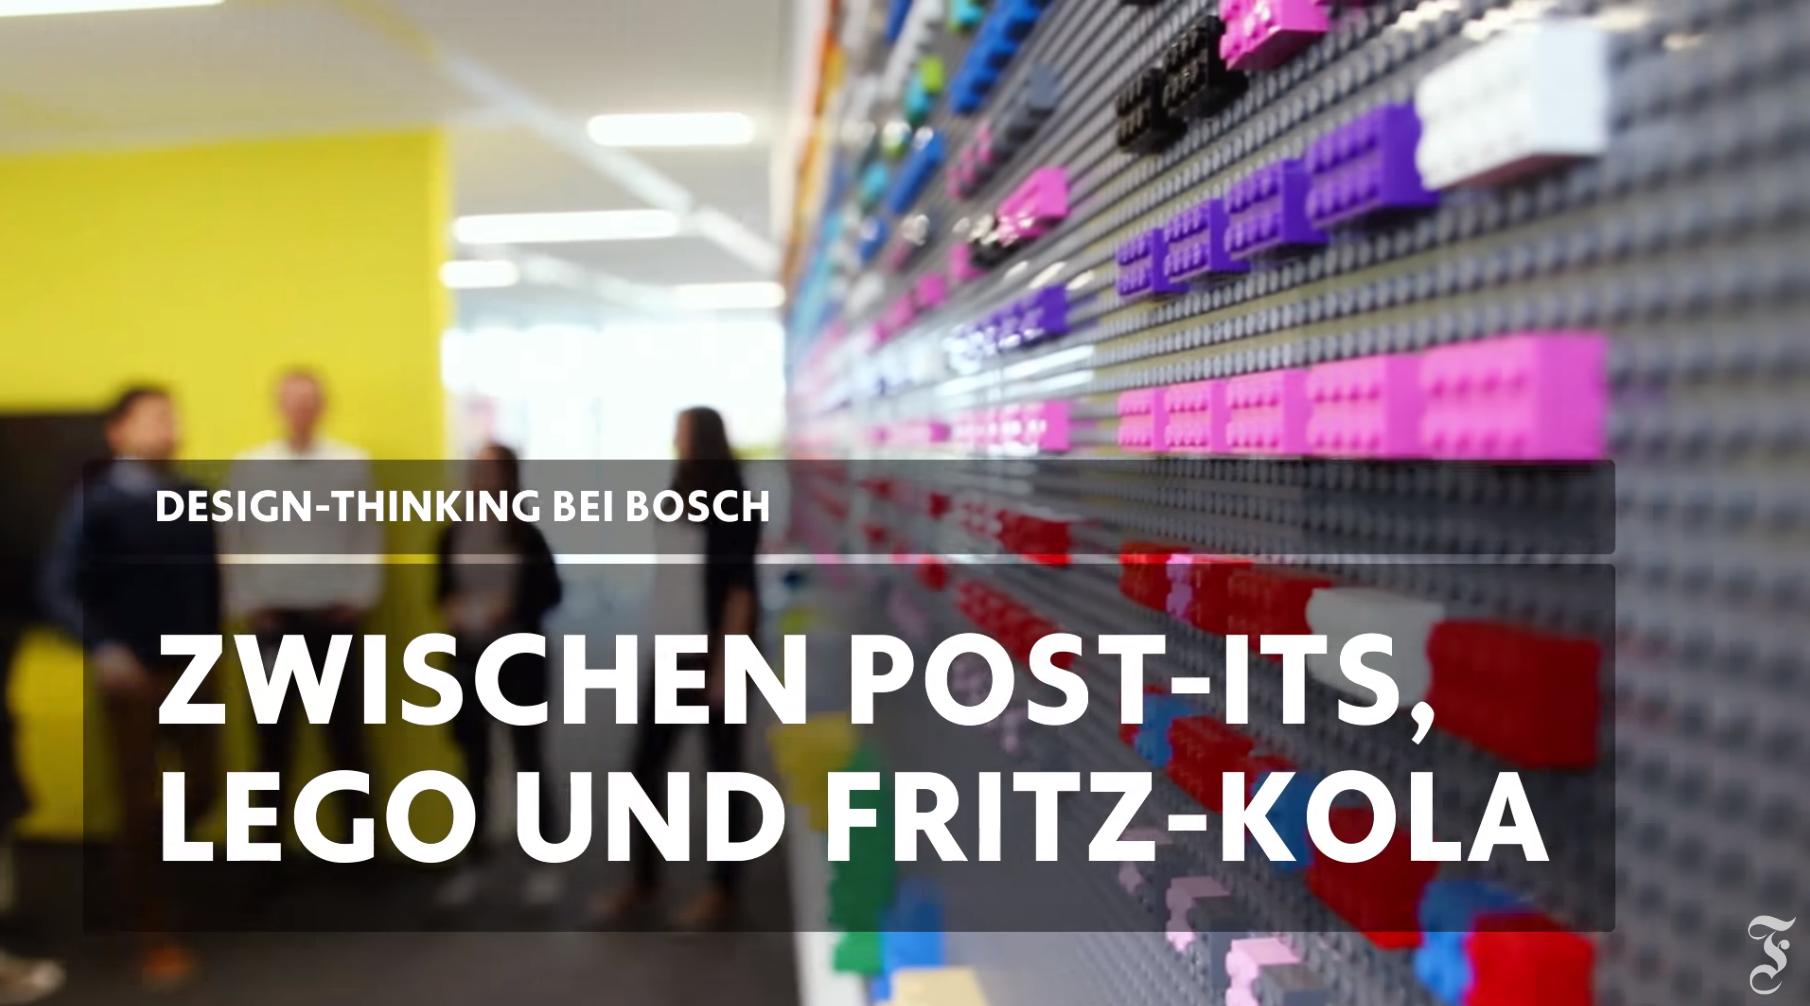 Design-Thinking bei Bosch Video: FAZ.NET